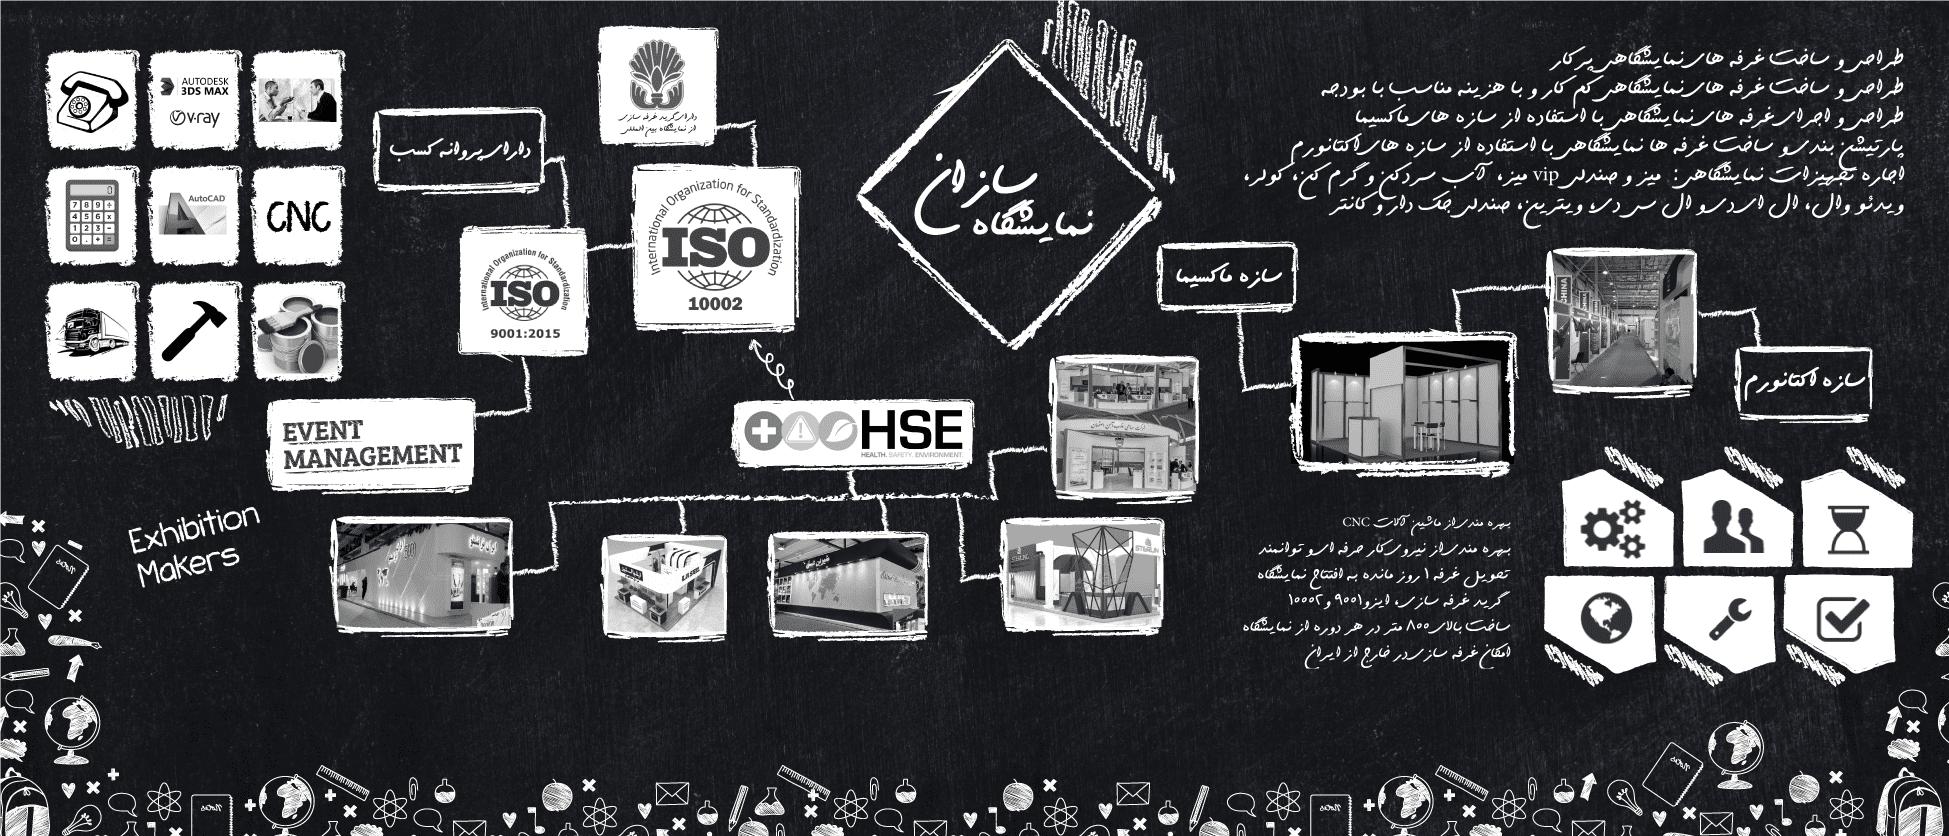 غرفه سازی در یزد – غرفه سازان یزد